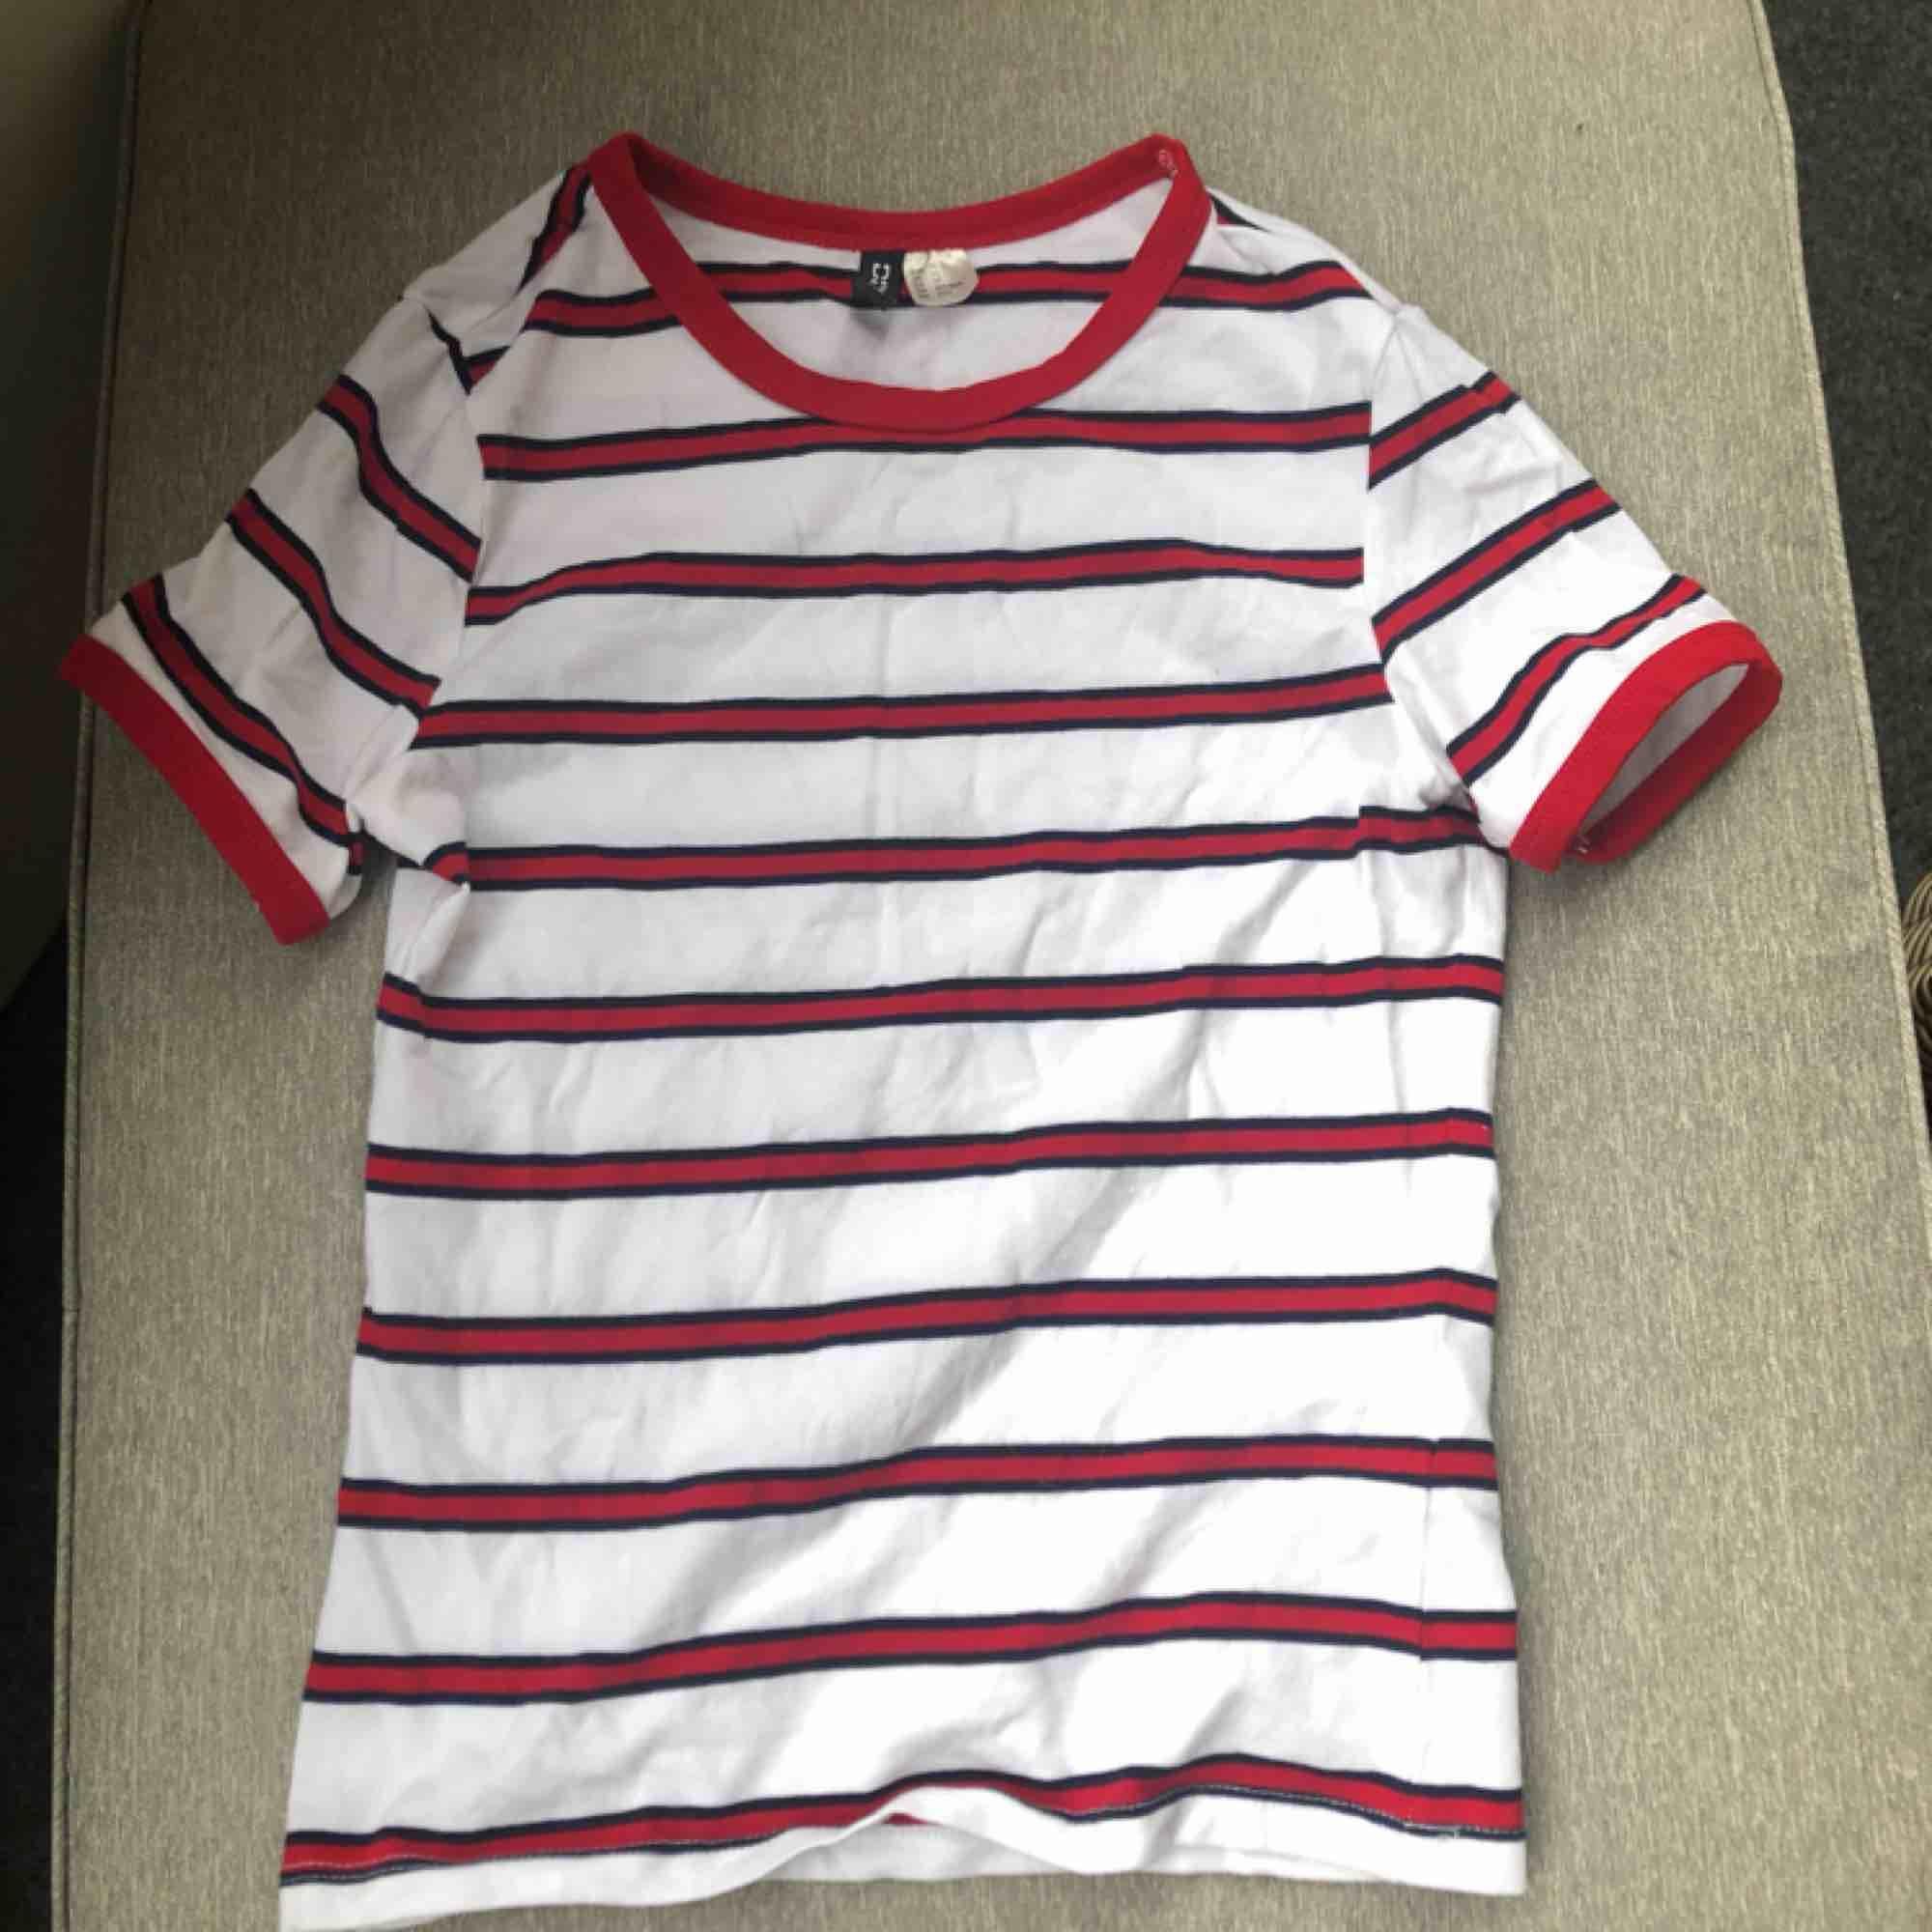 En söt tröja från H&M<3 Vit med röda ränder o blått runt ränderna haha, använd en enda gång! Inget fel på den men kommer inte till användning❤️ GRATIS FRAKT!. T-shirts.